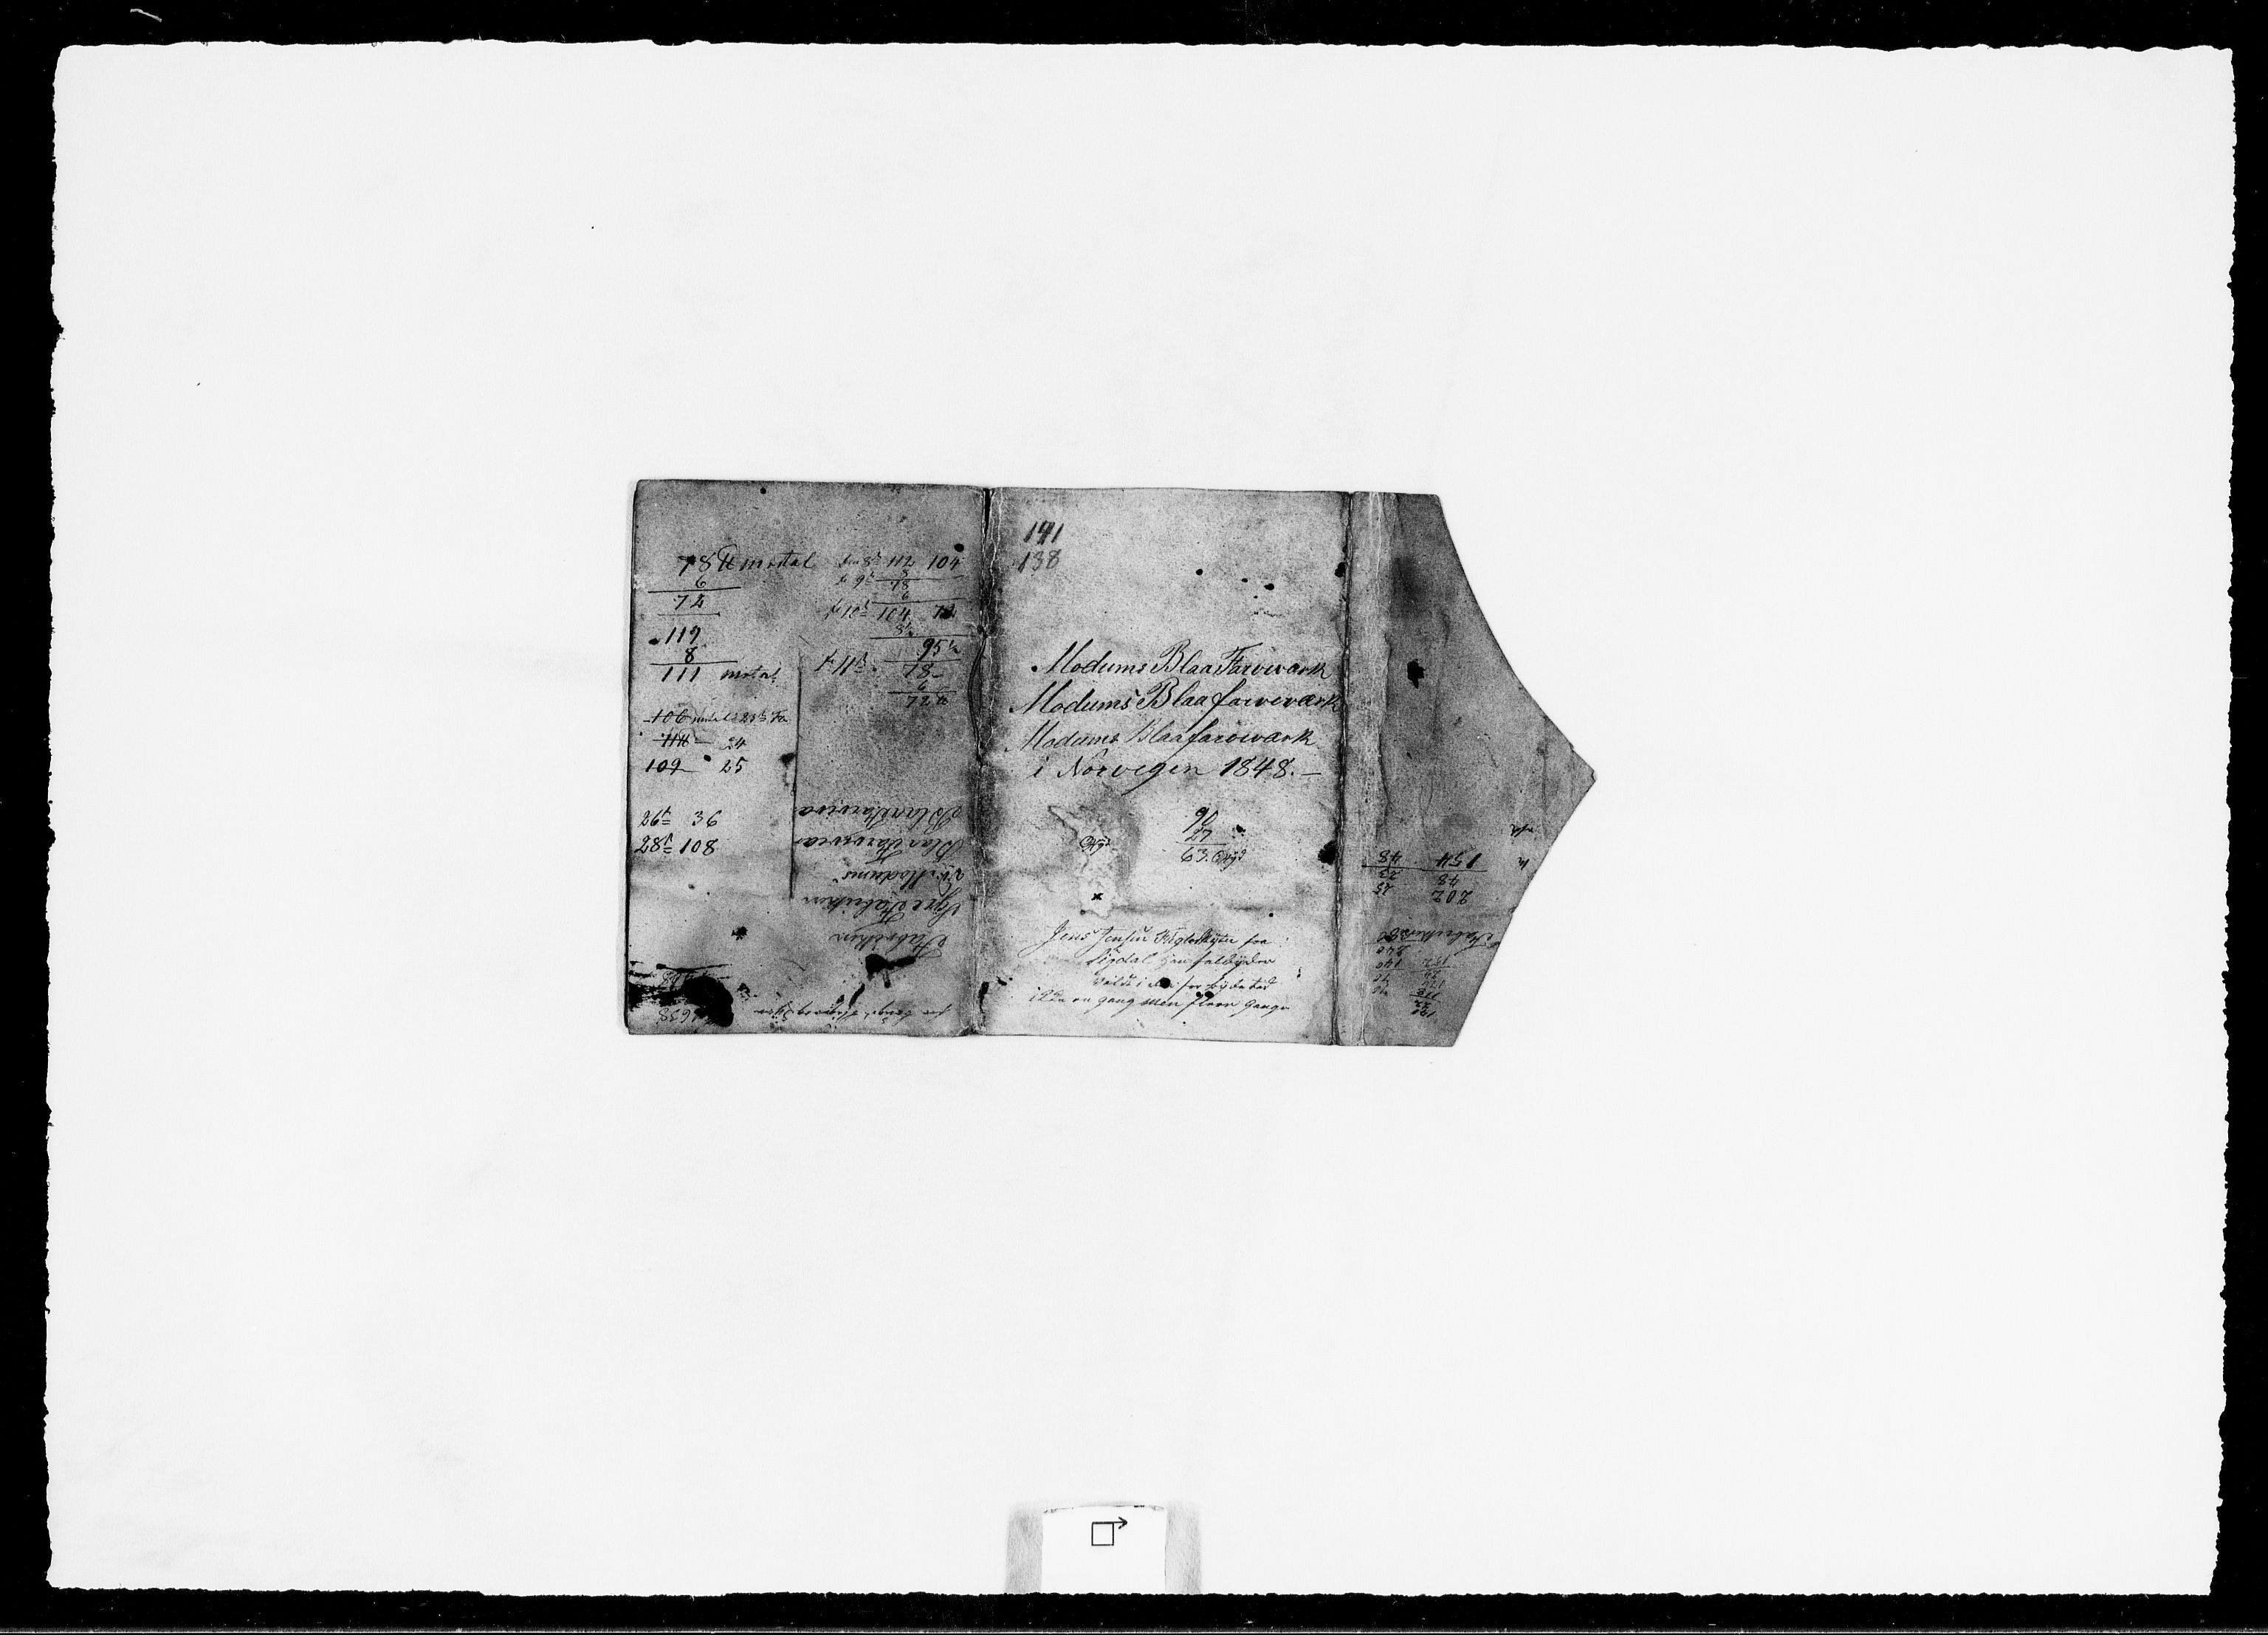 RA, Modums Blaafarveværk, G/Ge/L0362, 1822-1851, s. 2